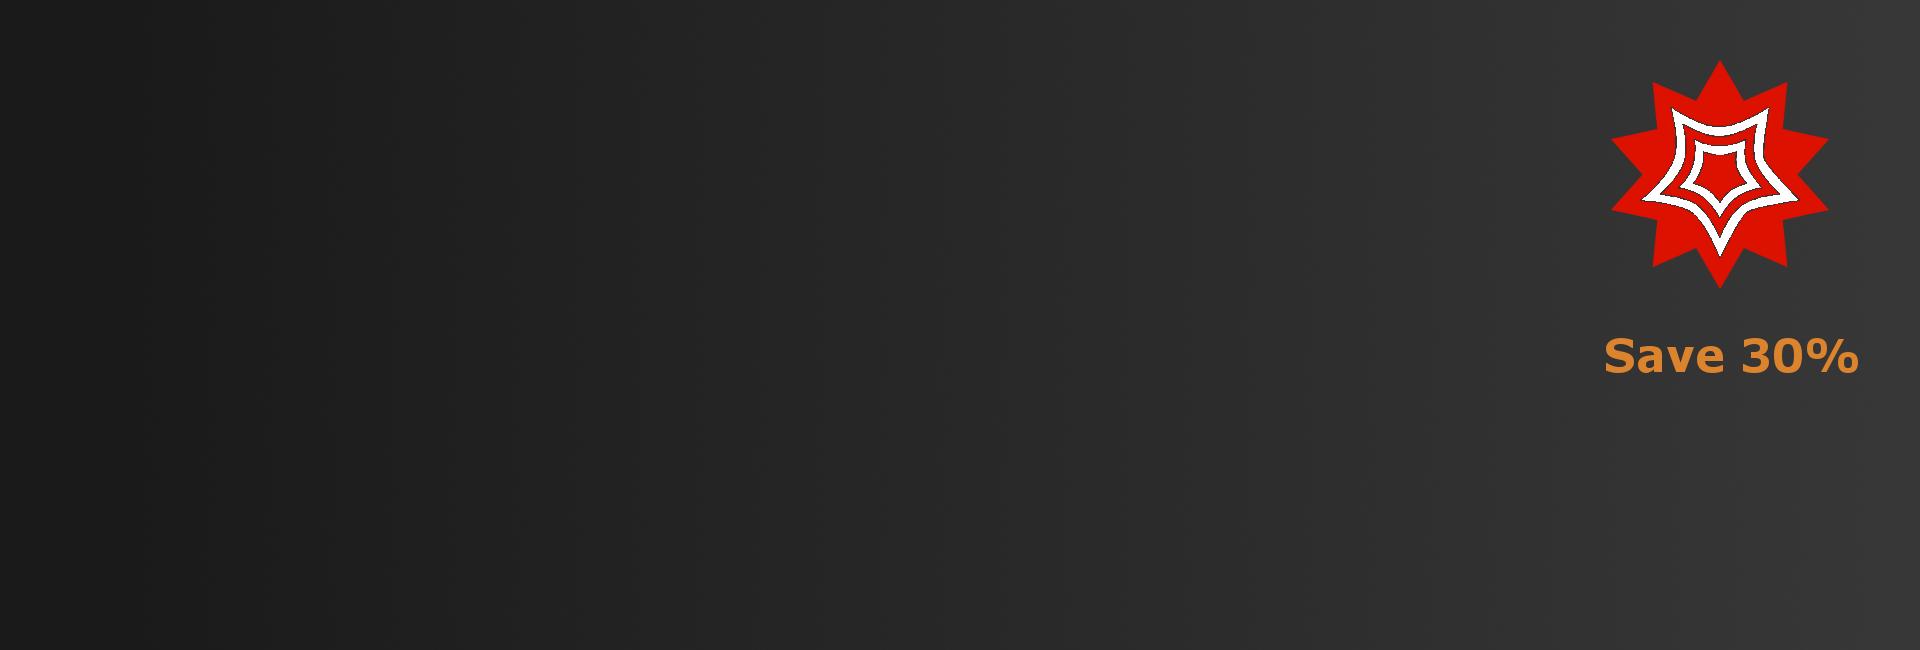 Oferta specjalna Wolfram Mathematica -30%